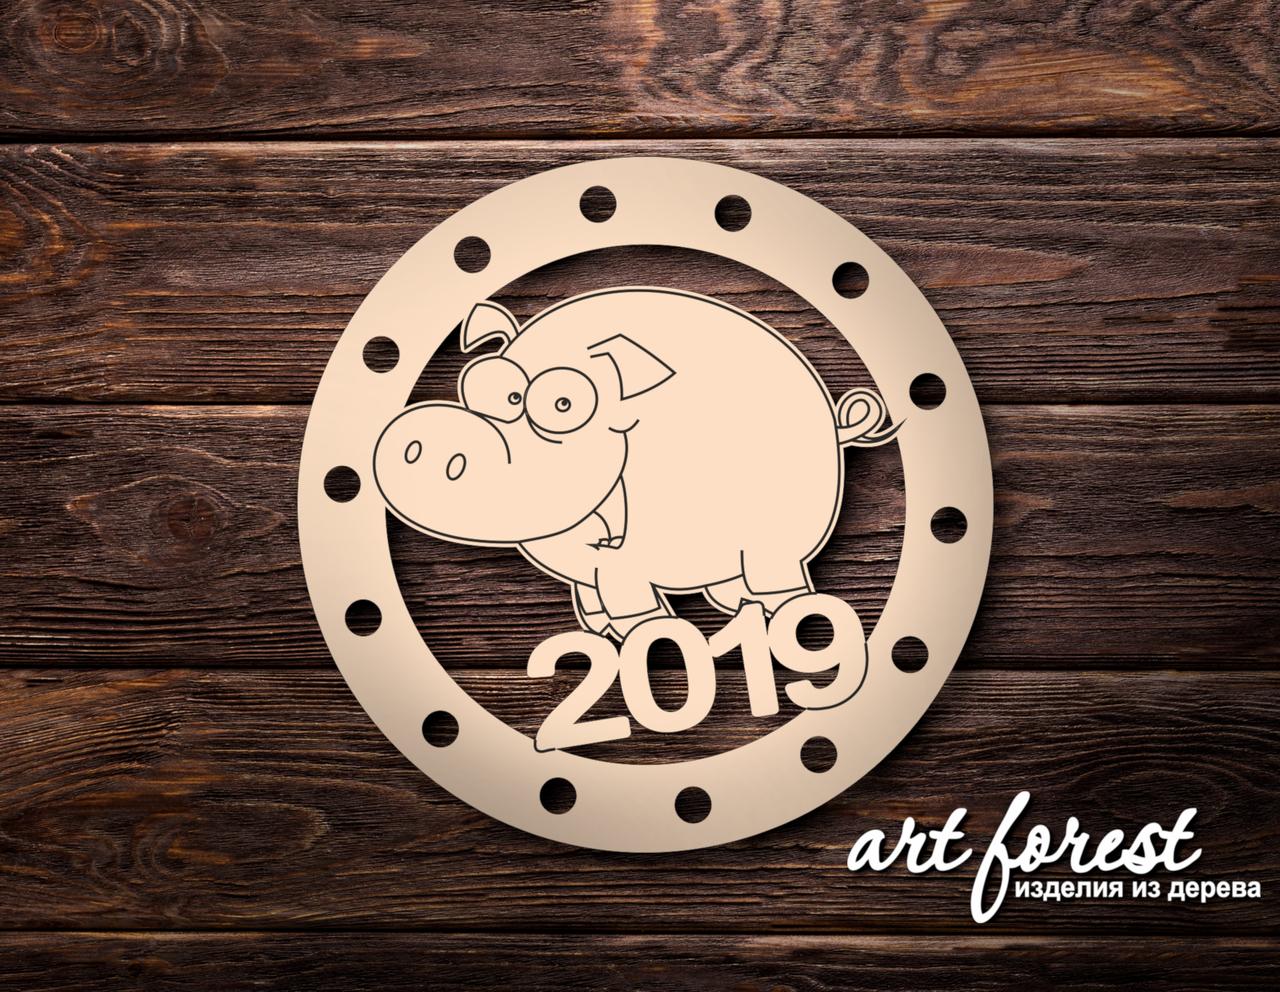 Новогодние елочные игрушки из фанеры 2020  (Хрюша) #100